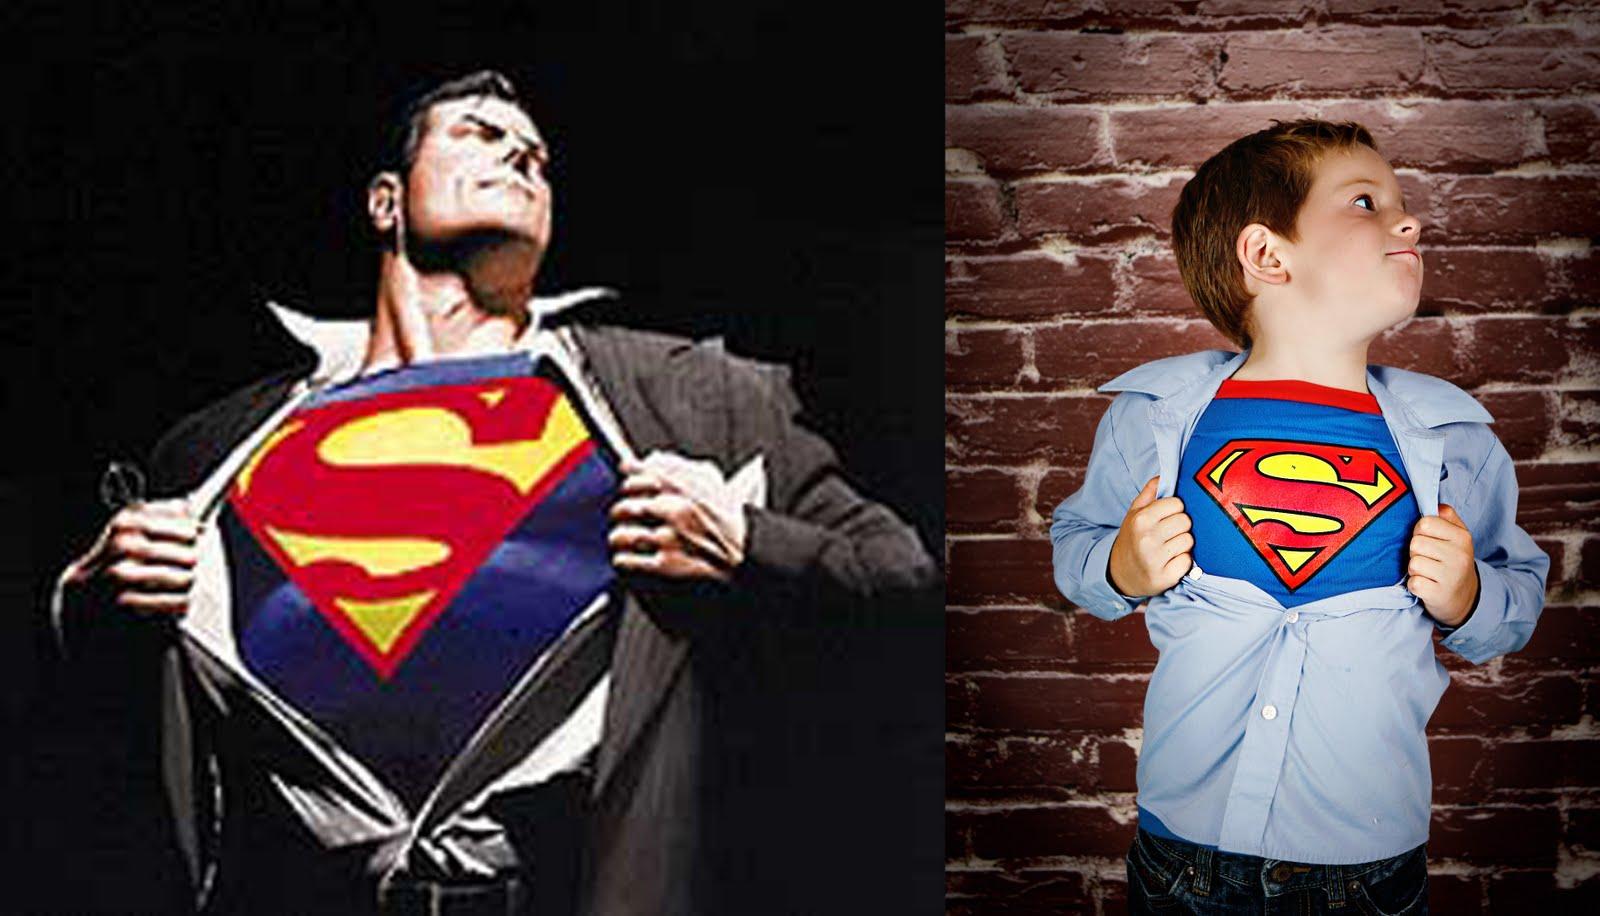 Más fuerte que Superman